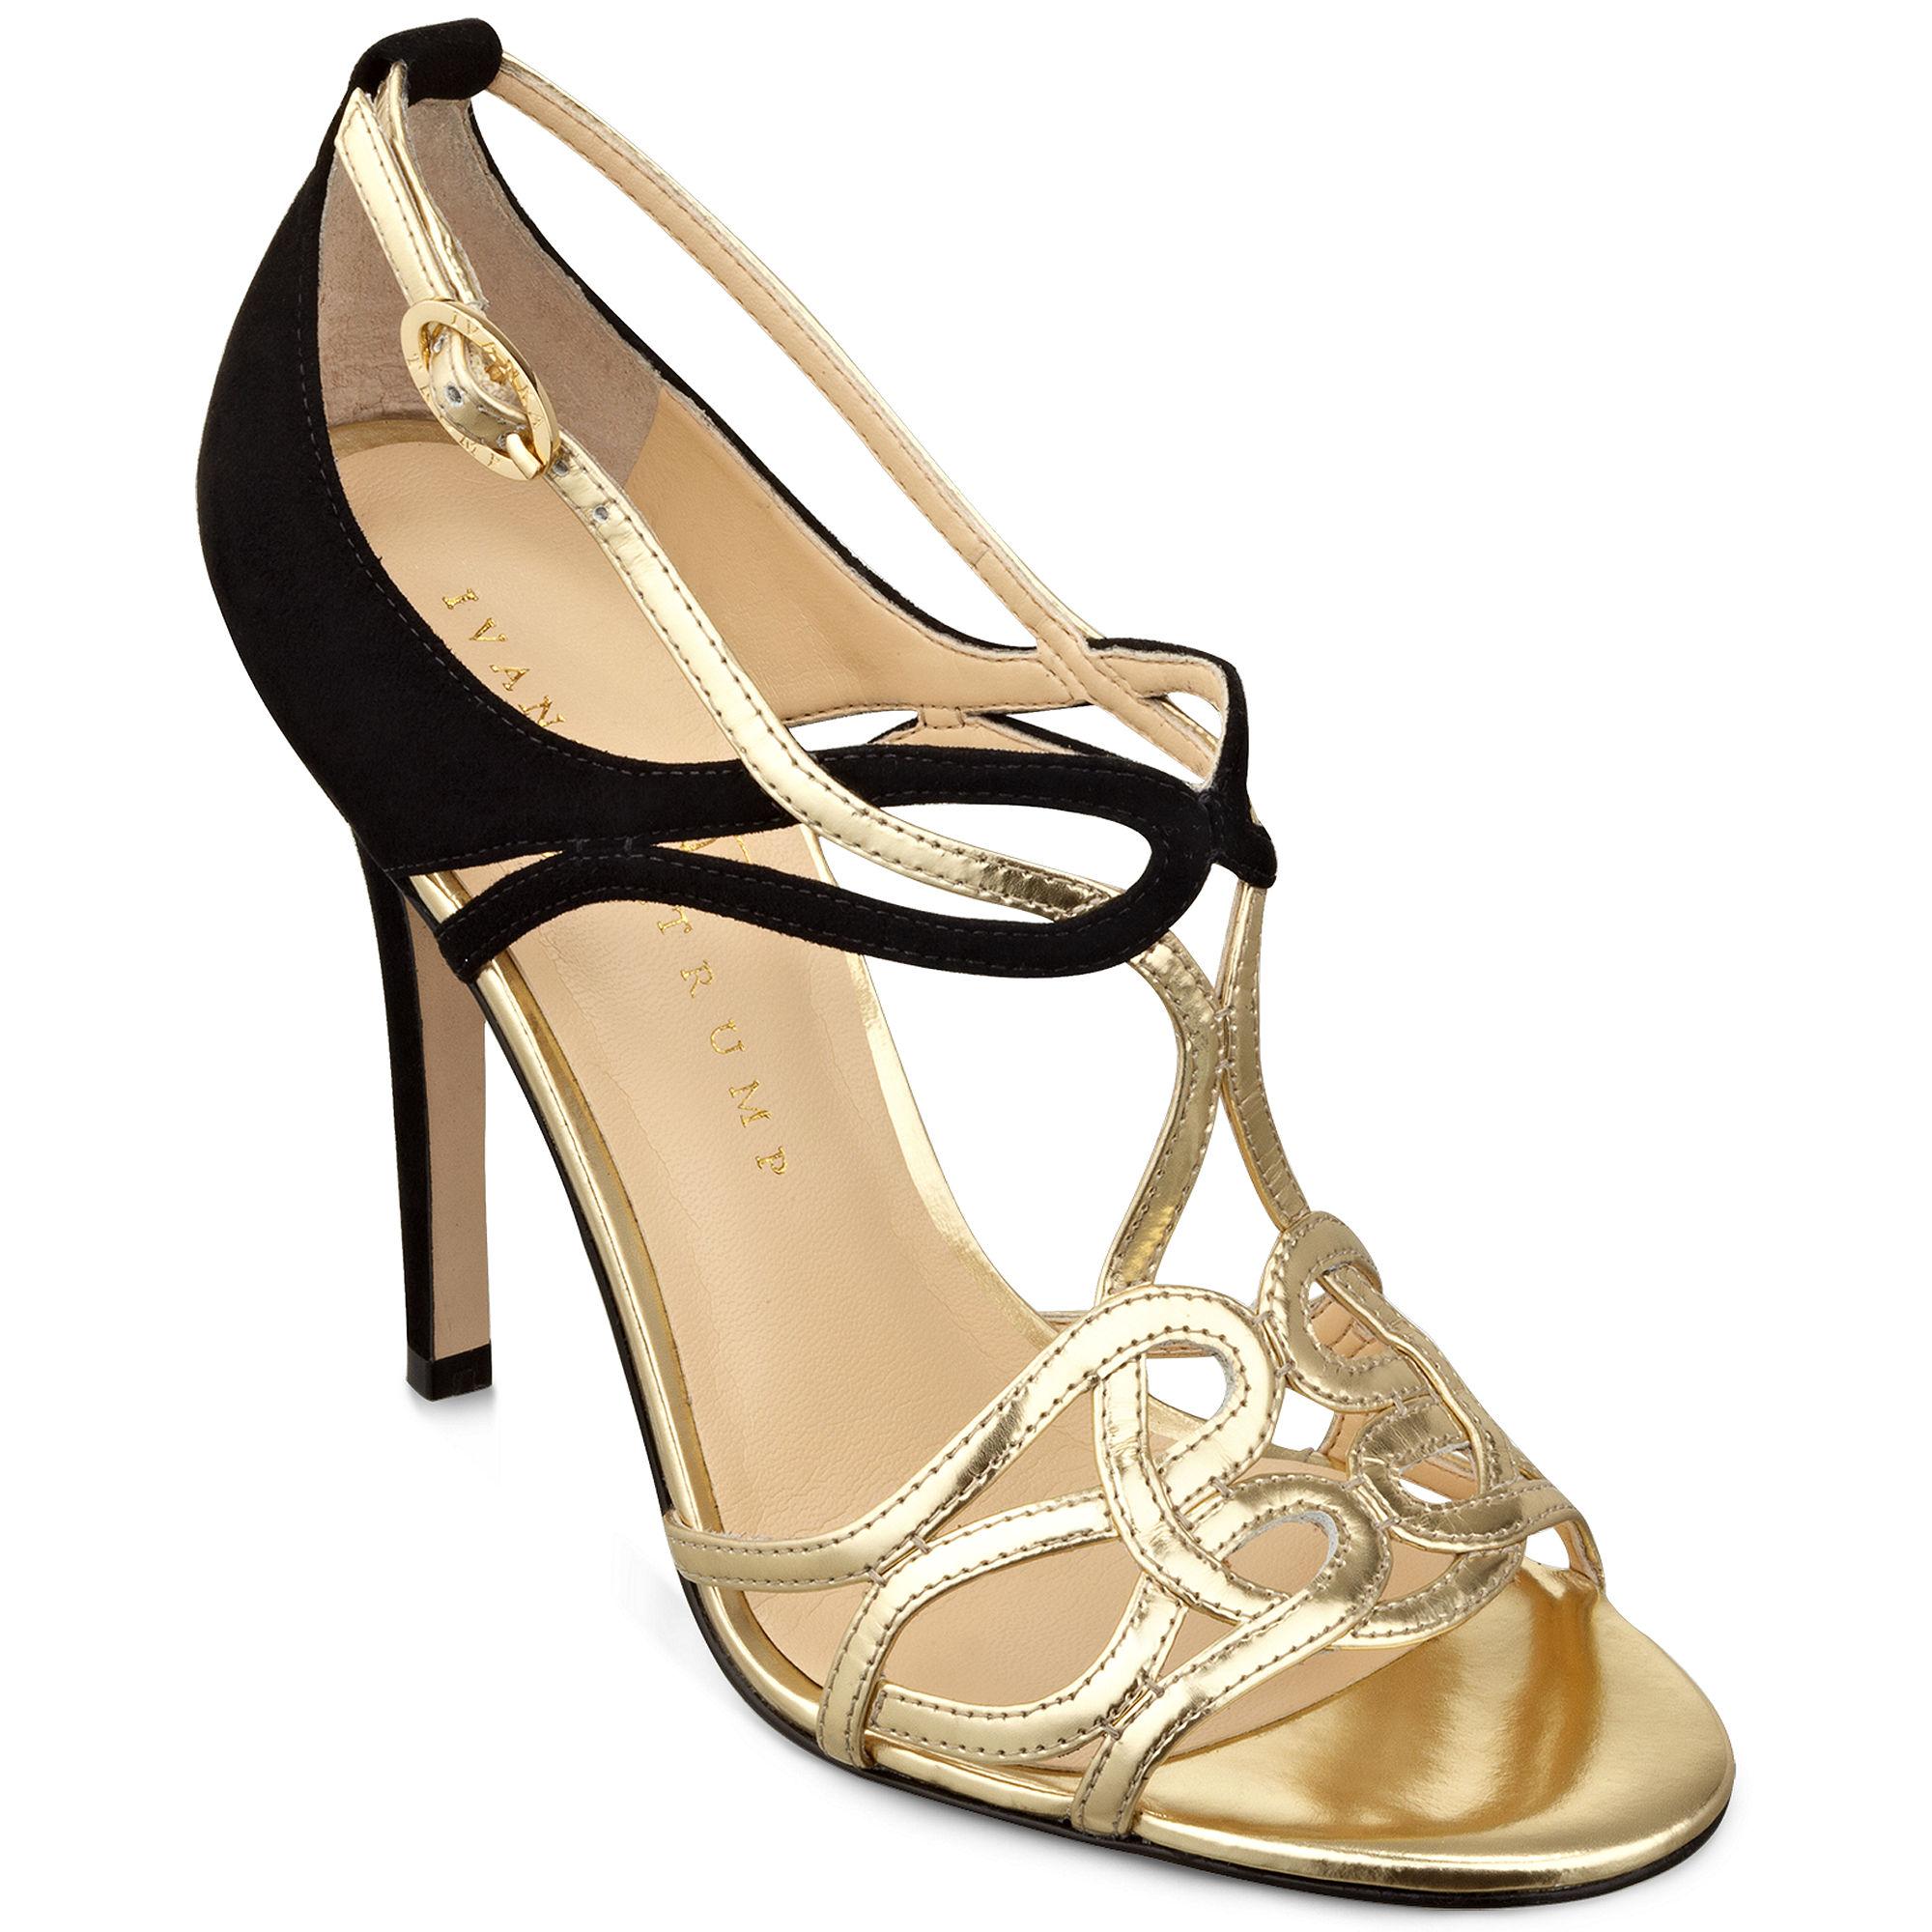 Ivanka Trump High Heel Shoes